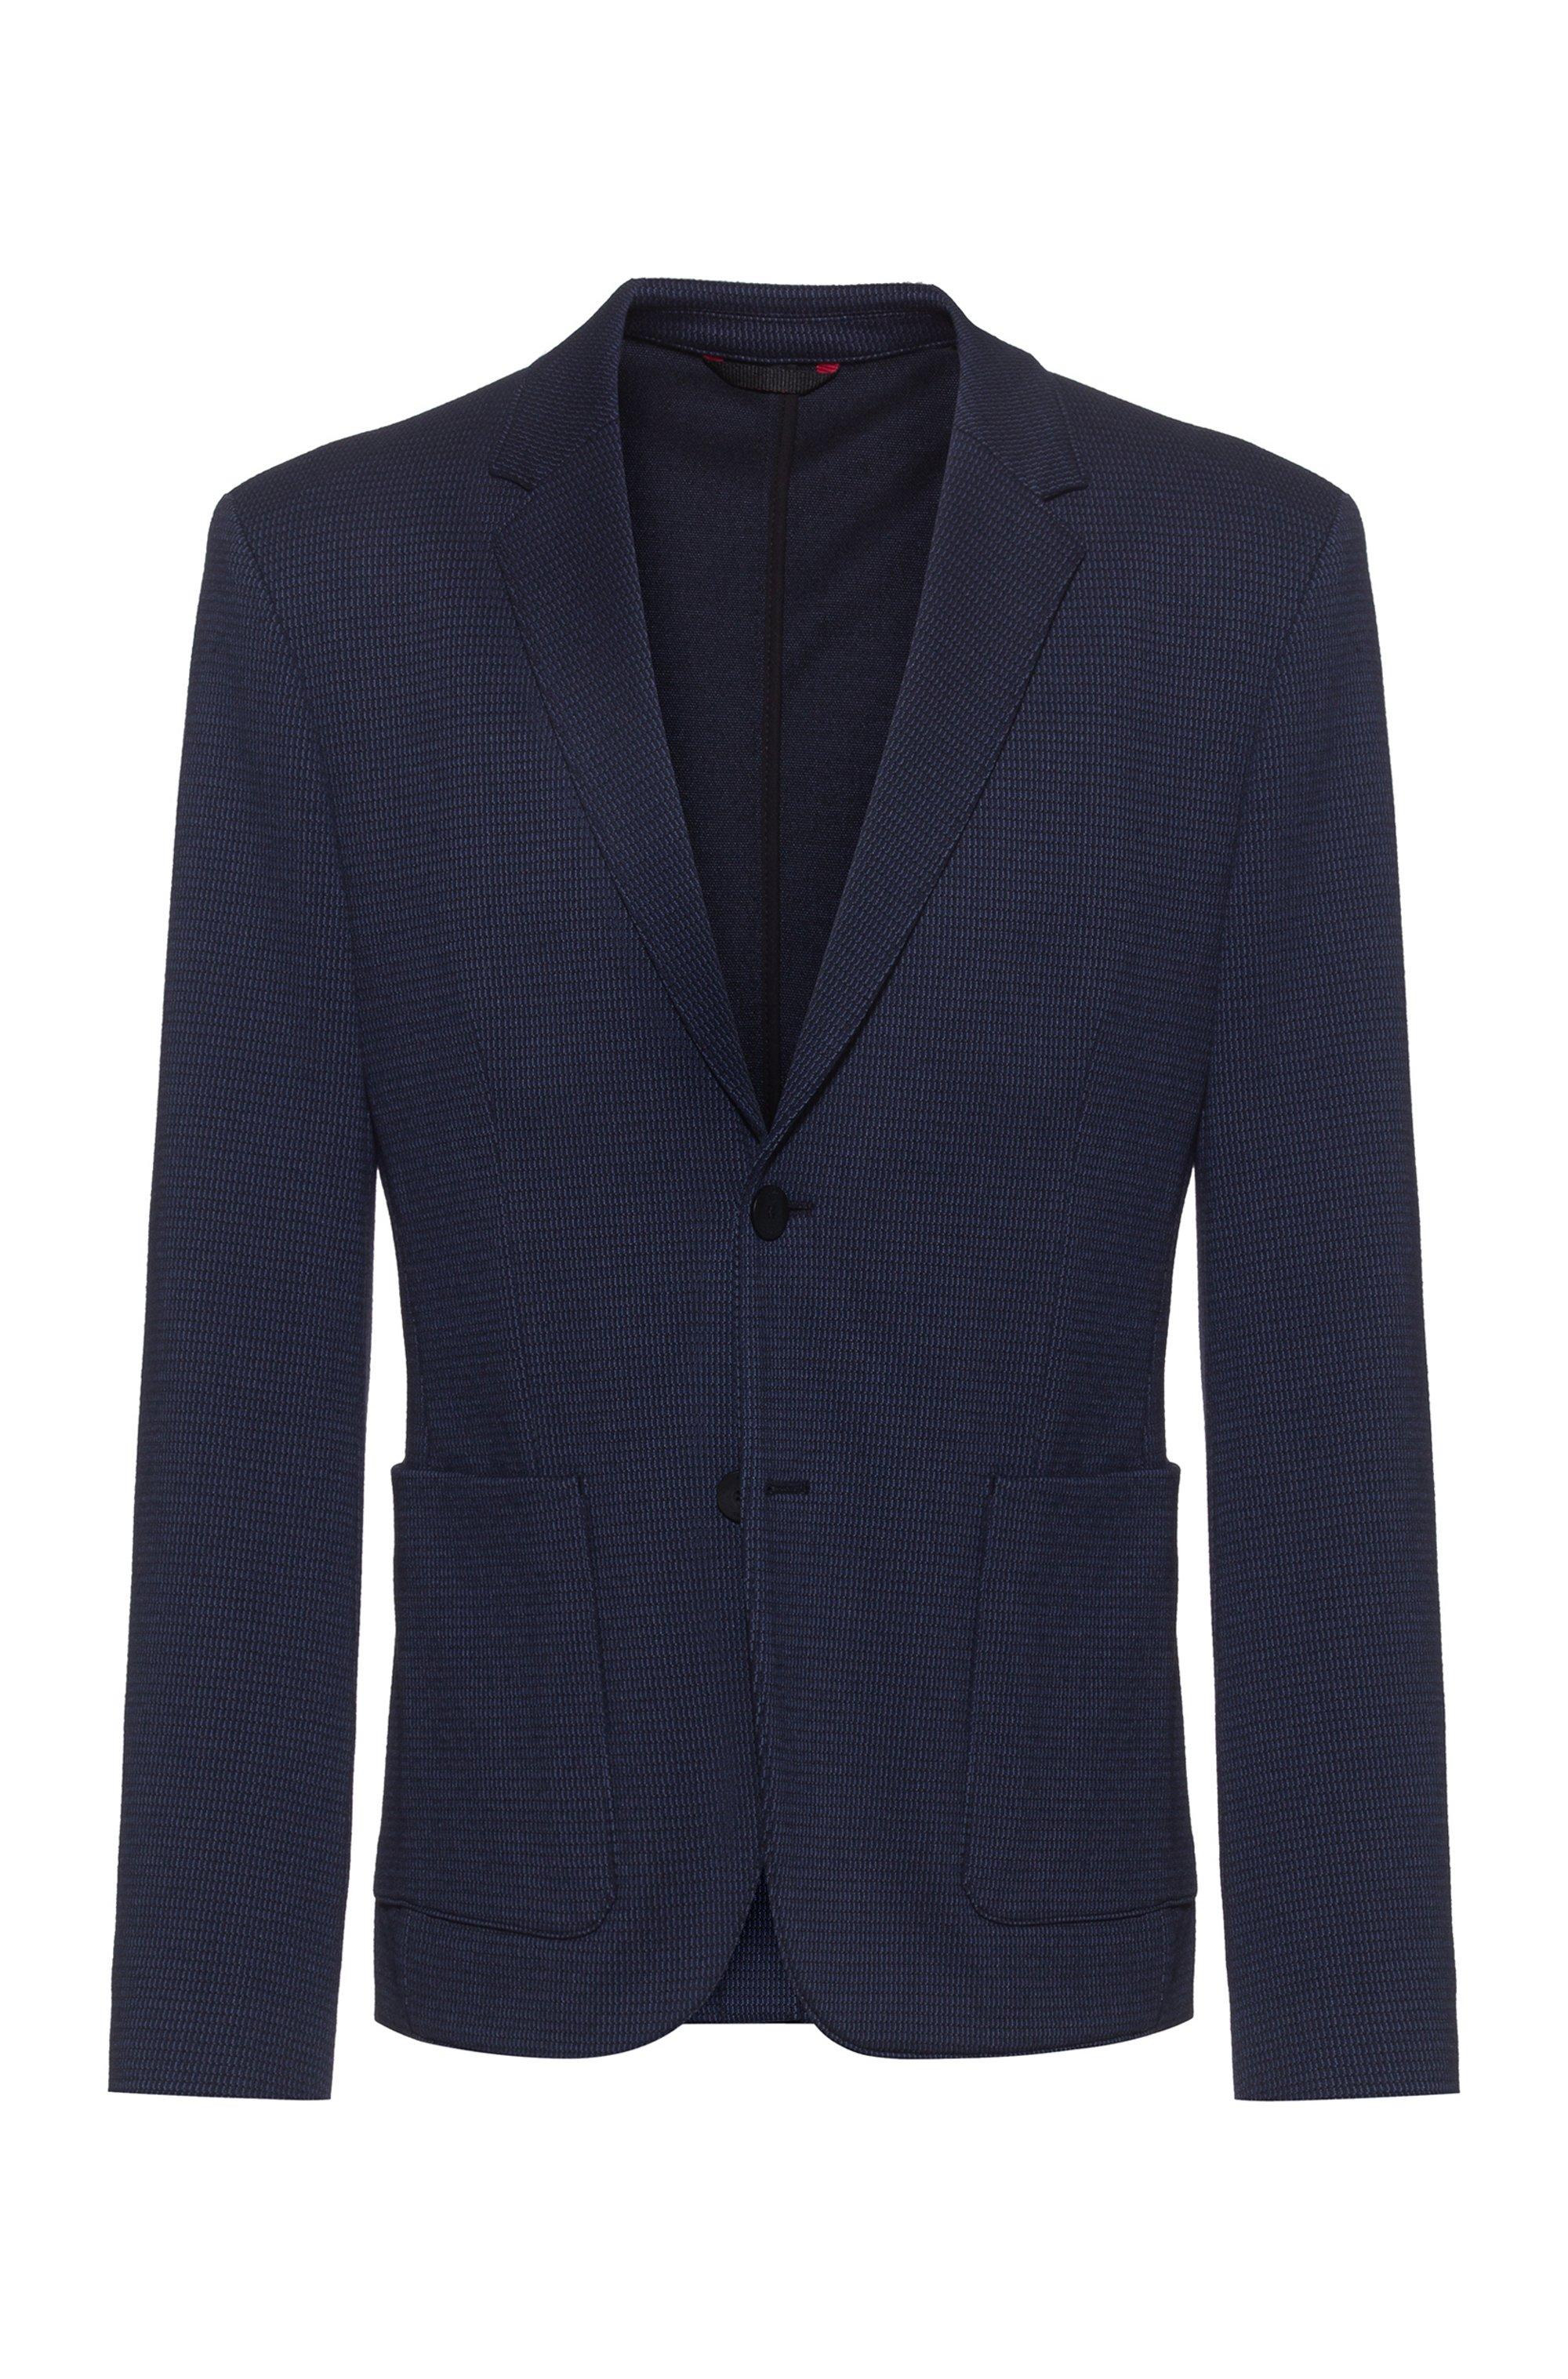 Extra-slim-fit jacket in structured jersey, Dark Blue